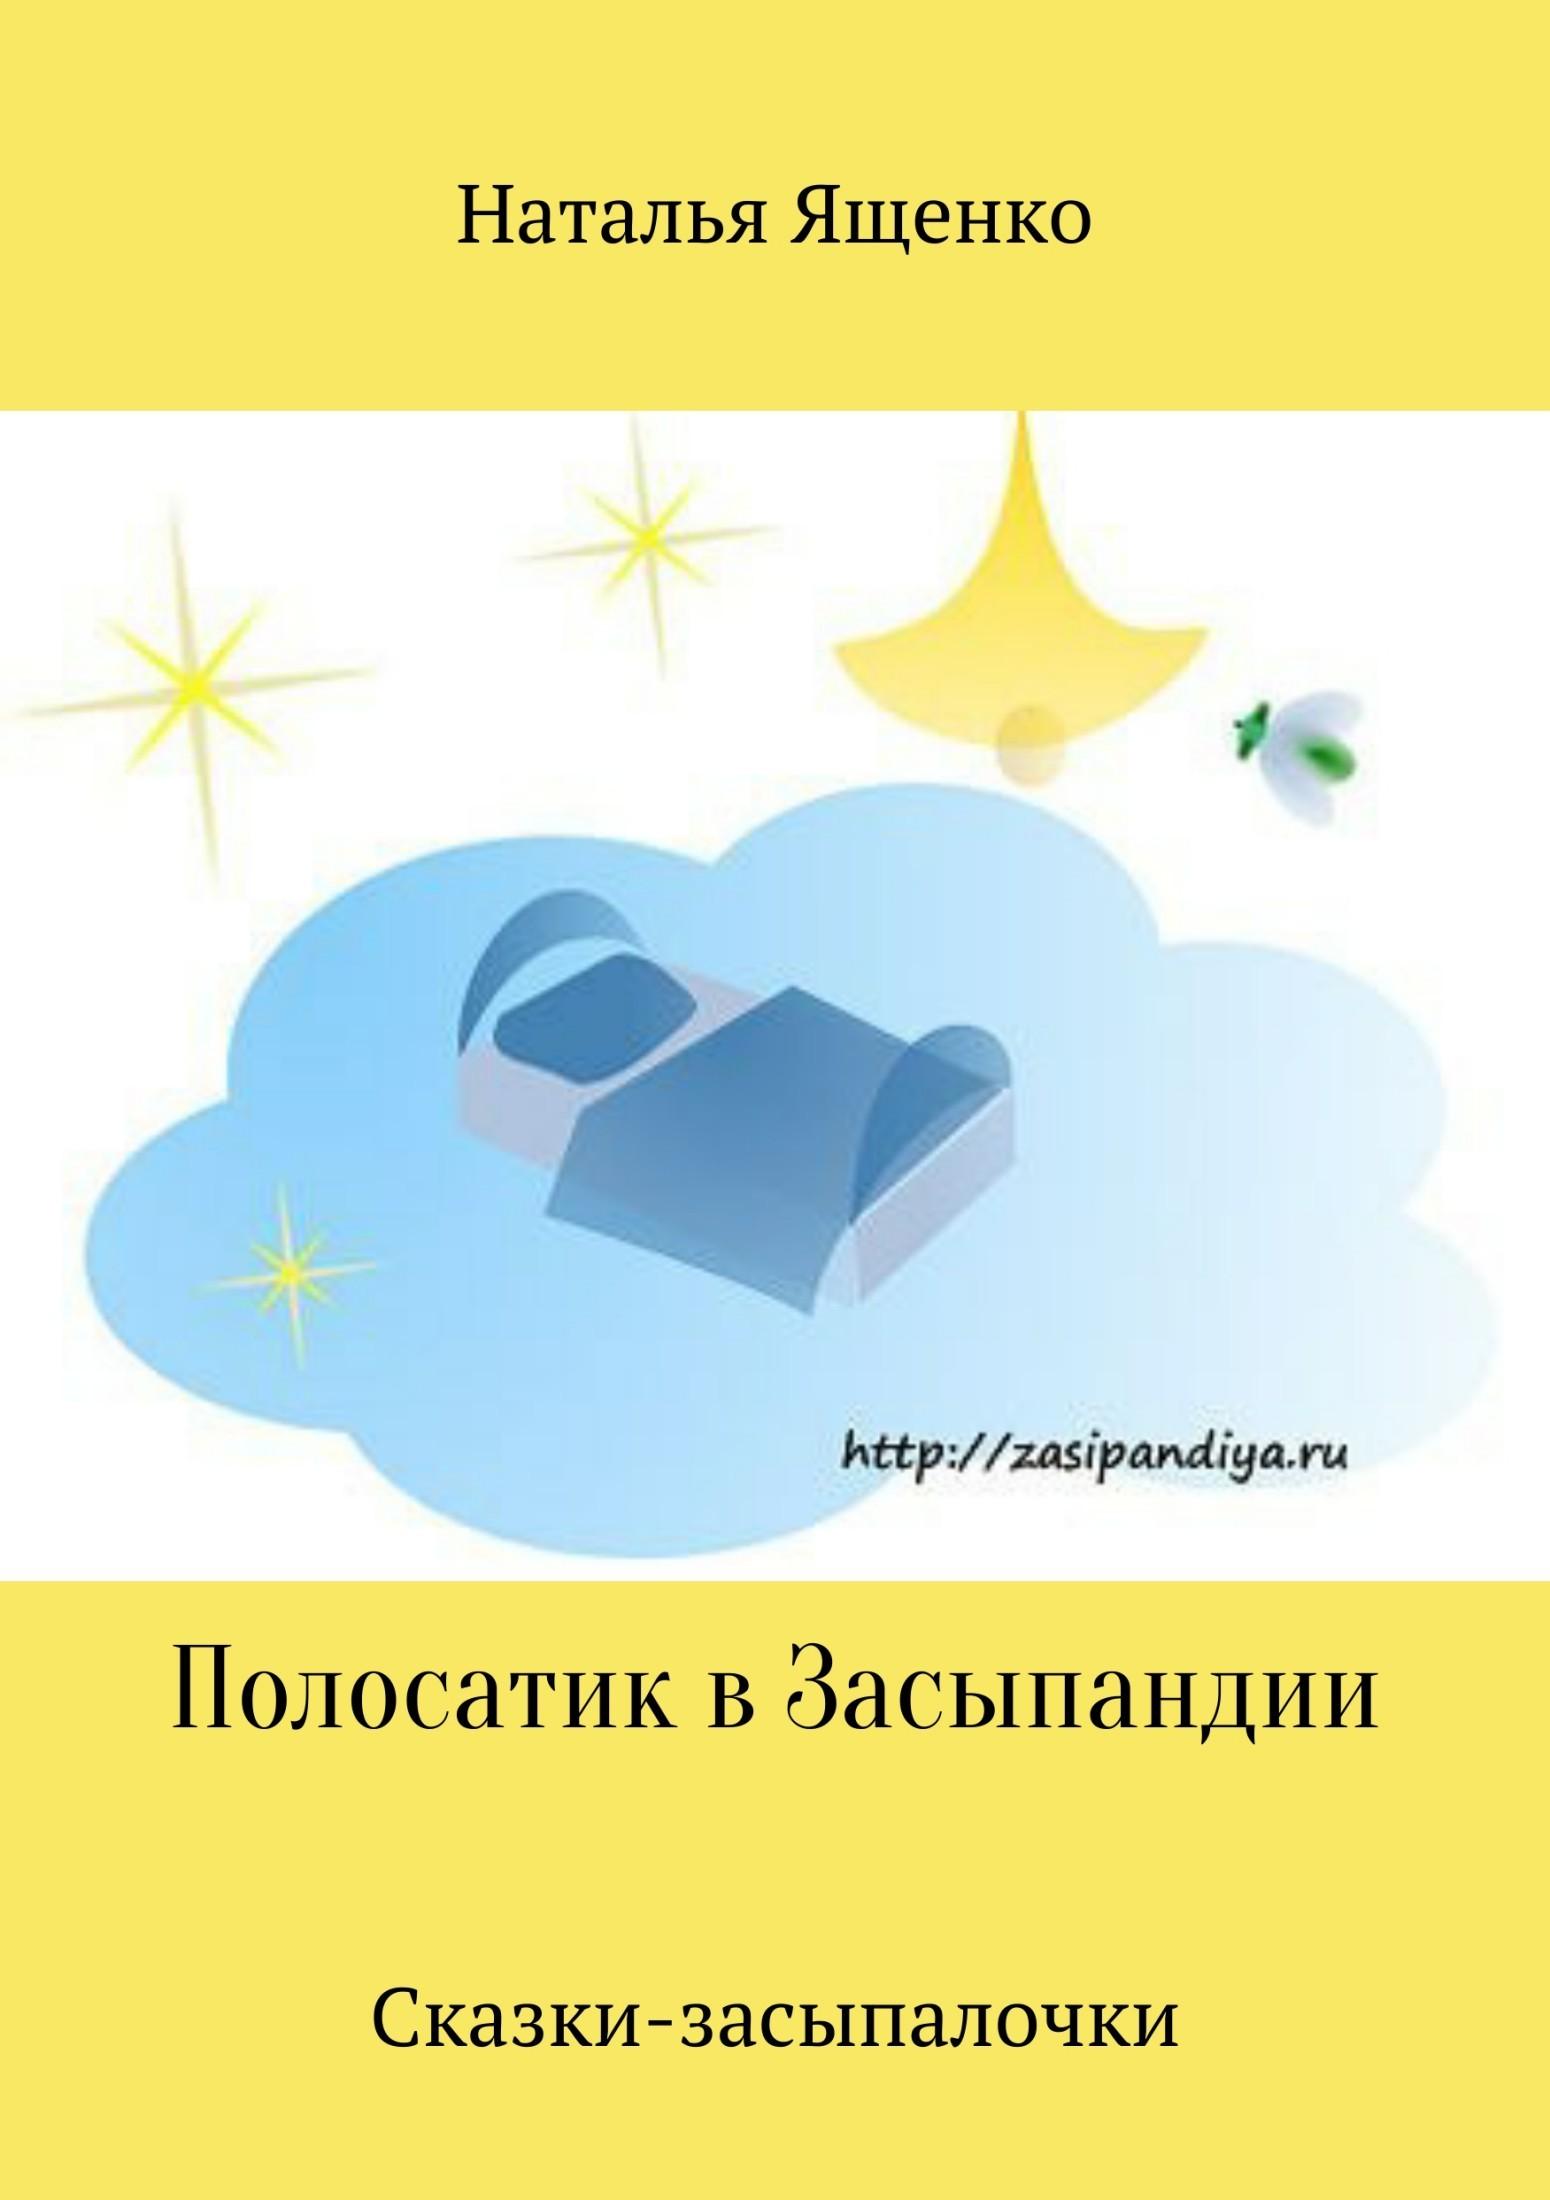 Наталья Олеговна Ященко. Сказки-засыпалочки. Полосатик в Засыпандии